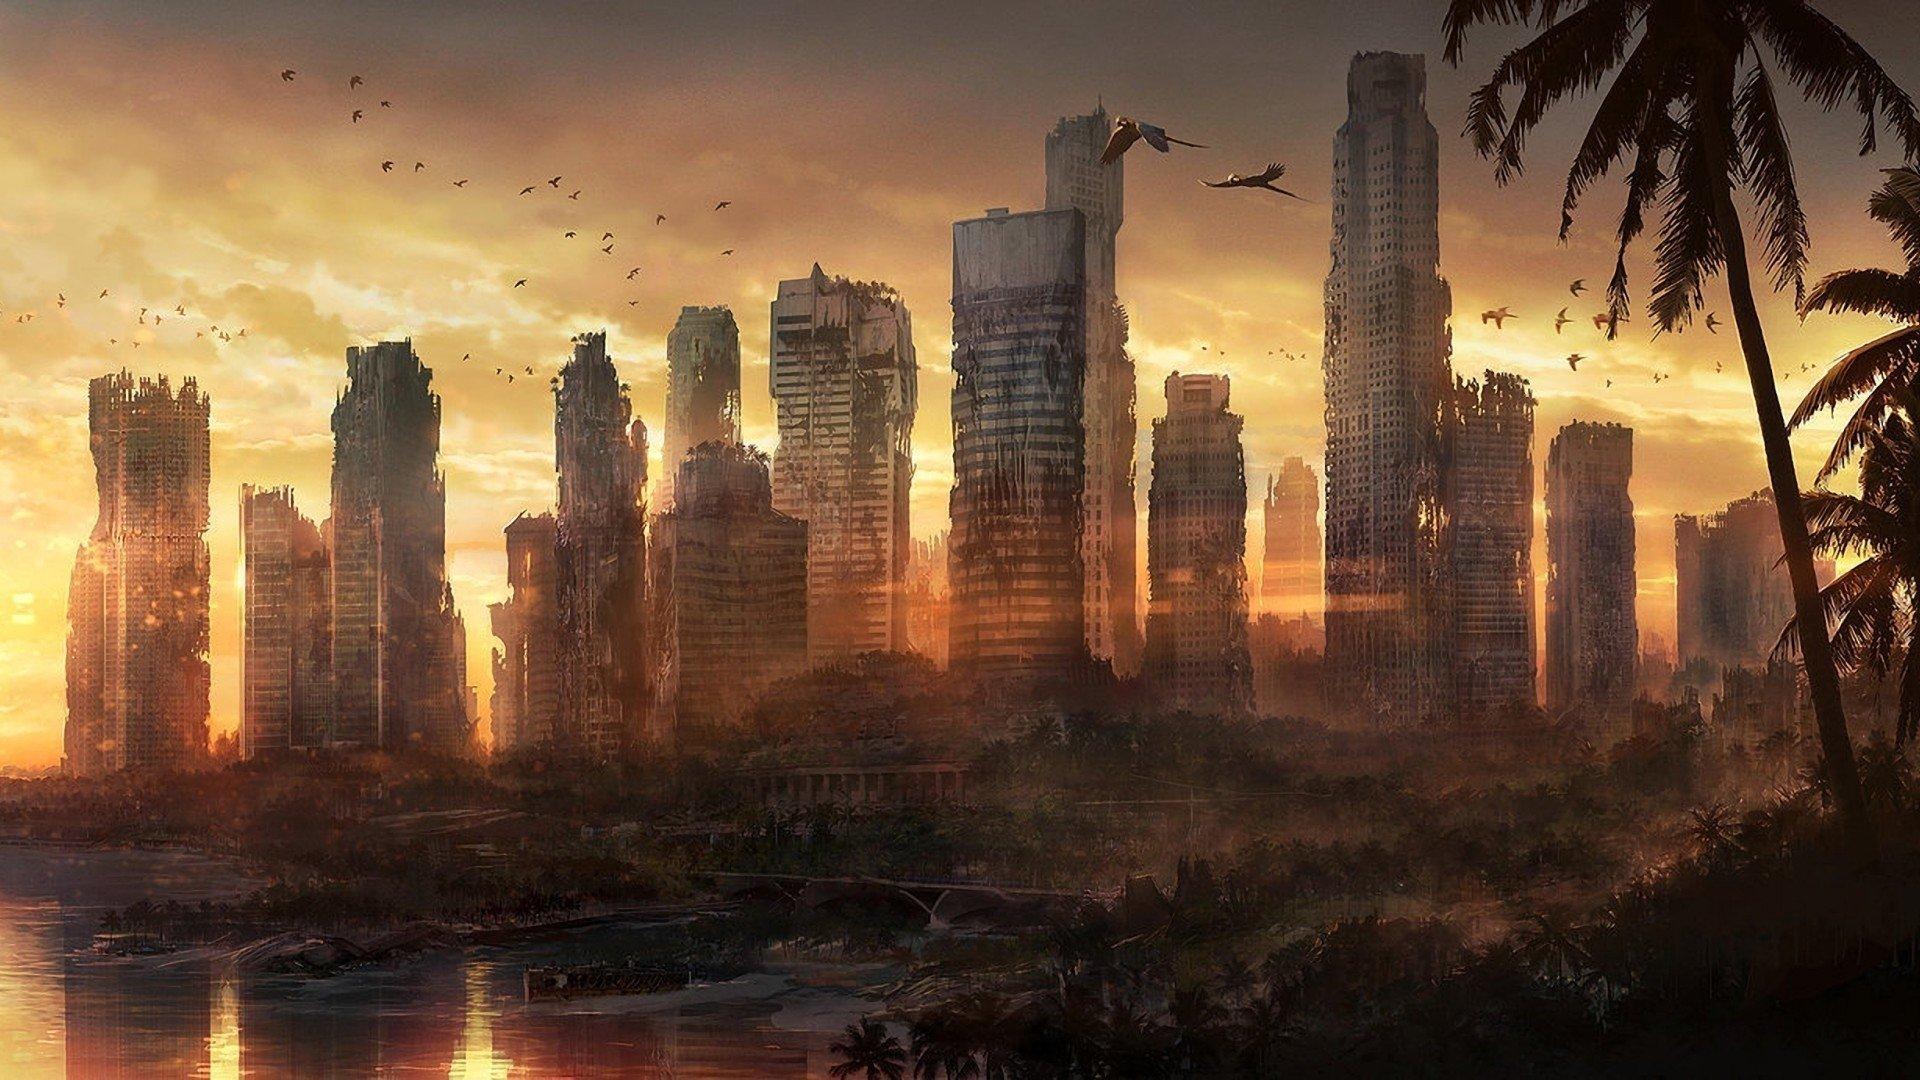 378 Escenario Apocalíptico Fondos De Pantalla Hd Fondos De